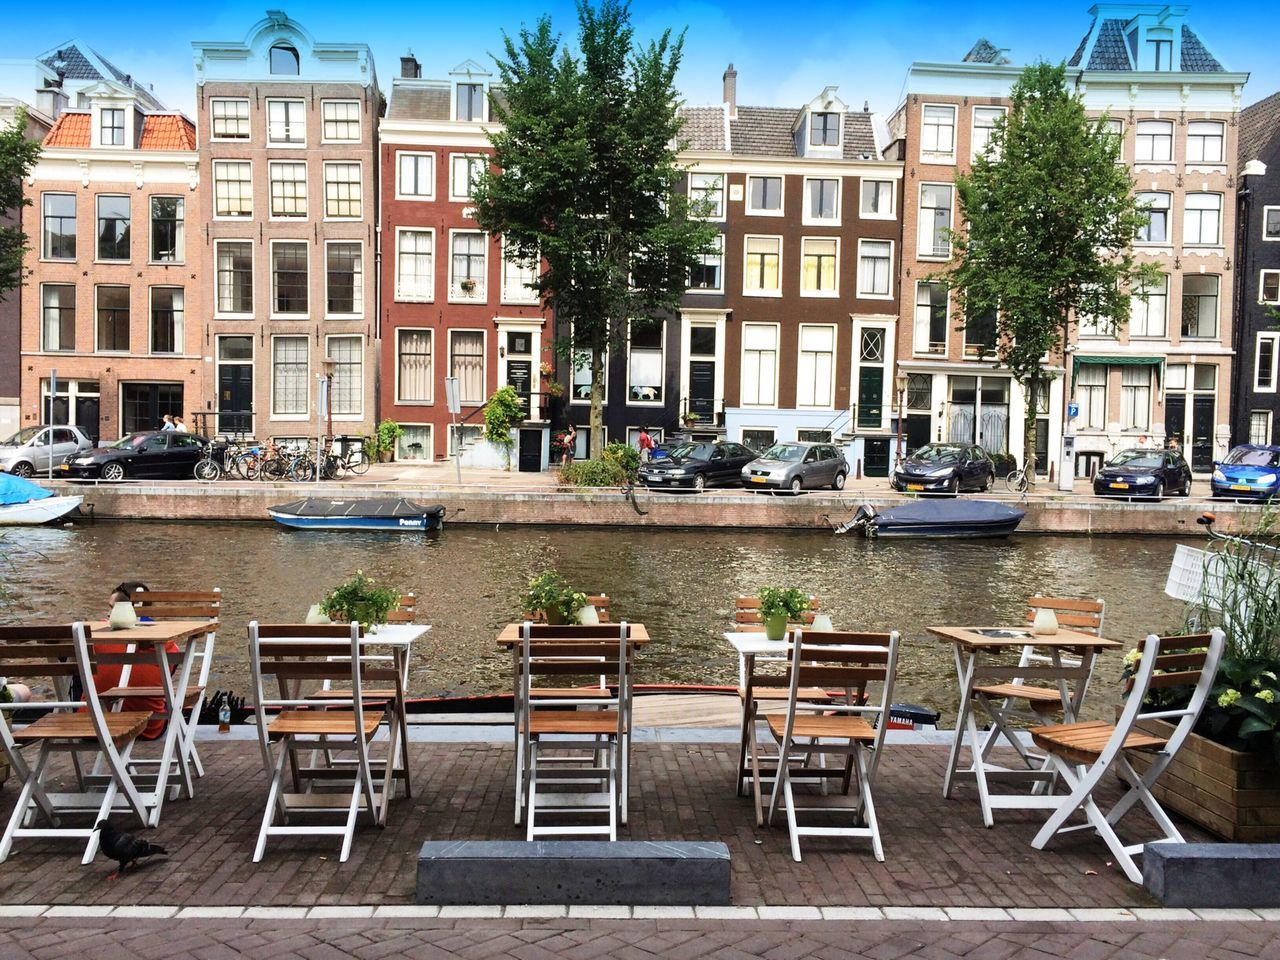 Empty sidewalk cafe by canal